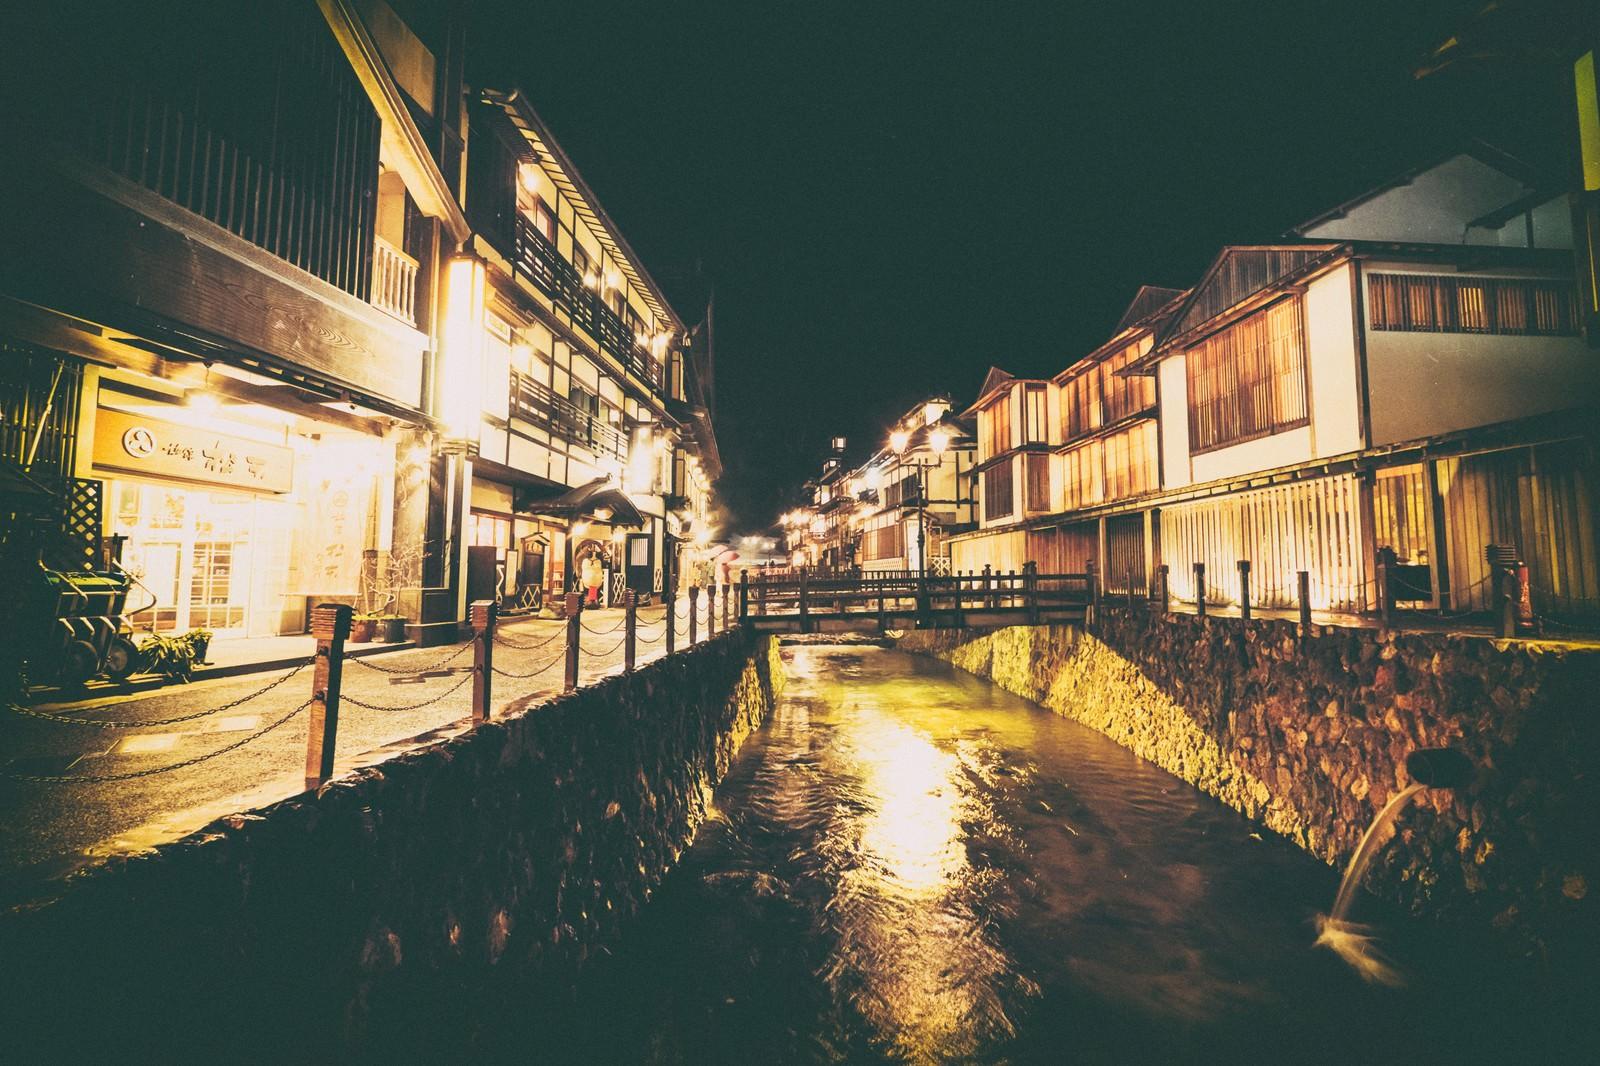 「街明かりと銀山温泉街」の写真